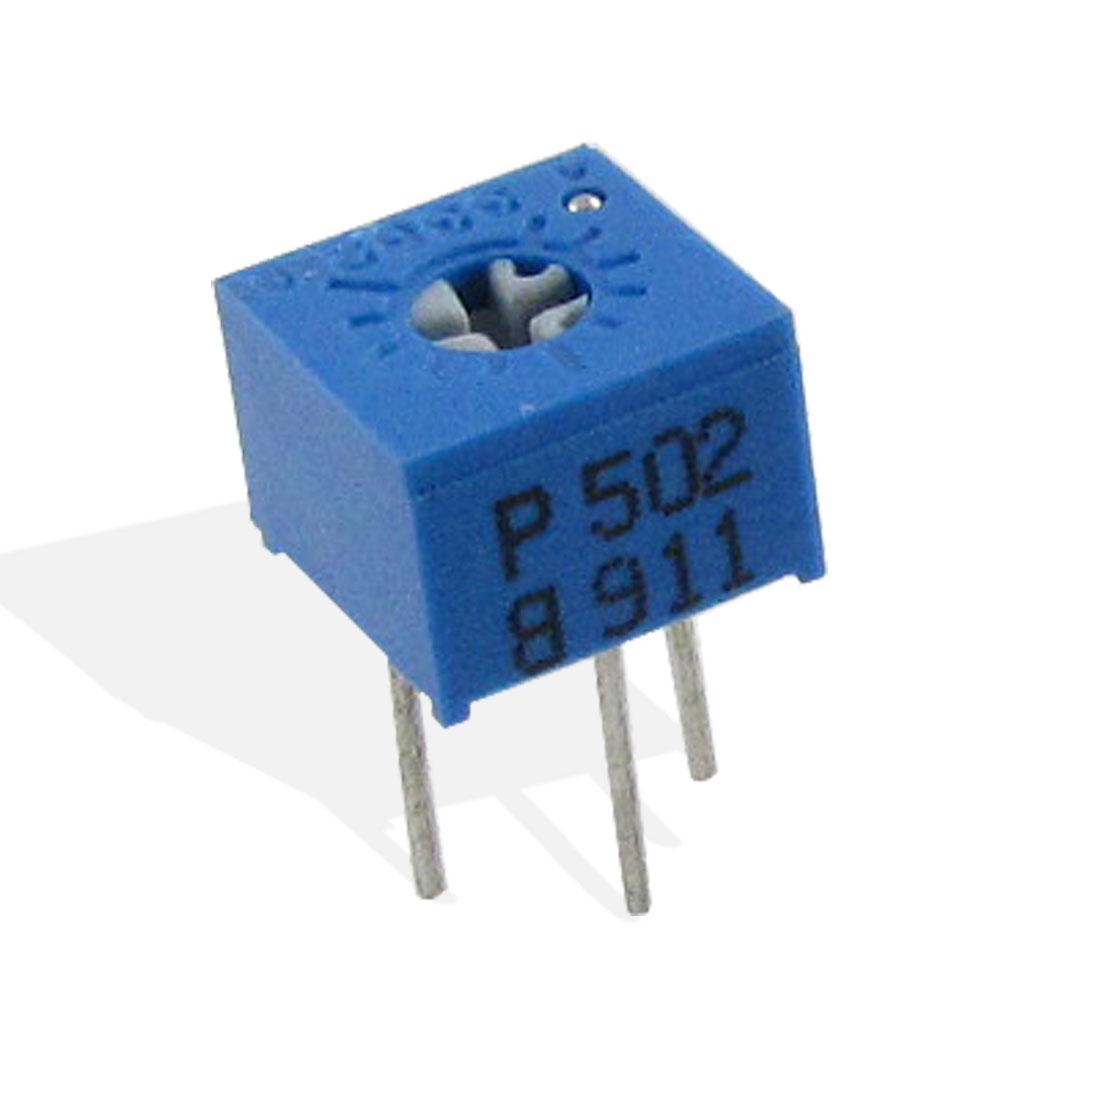 3 x 5K ohm Top Adjustment Trimmer Pot Variable Resistor